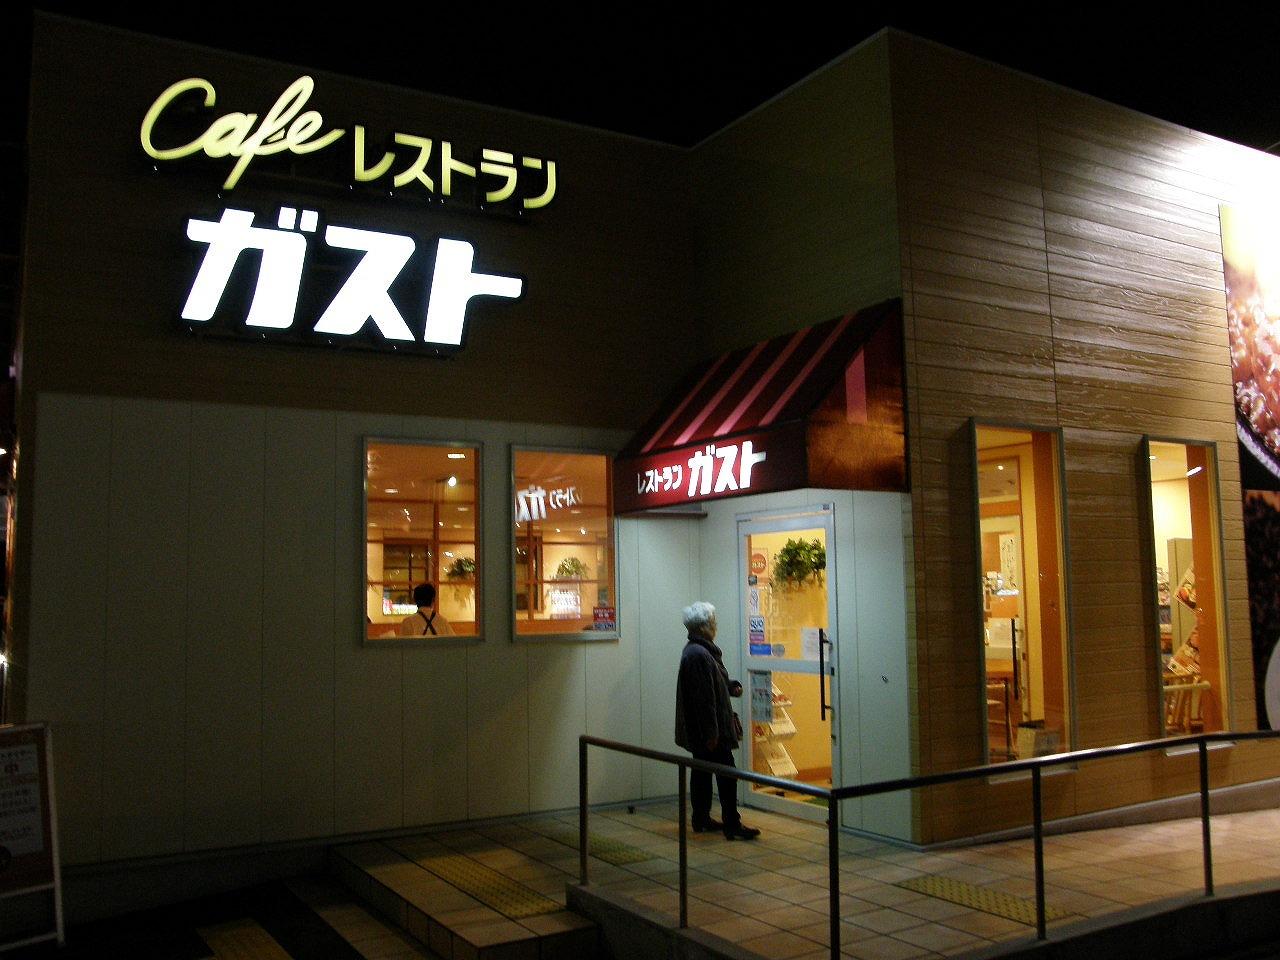 Restaurant Alter Cafe Elbeuf